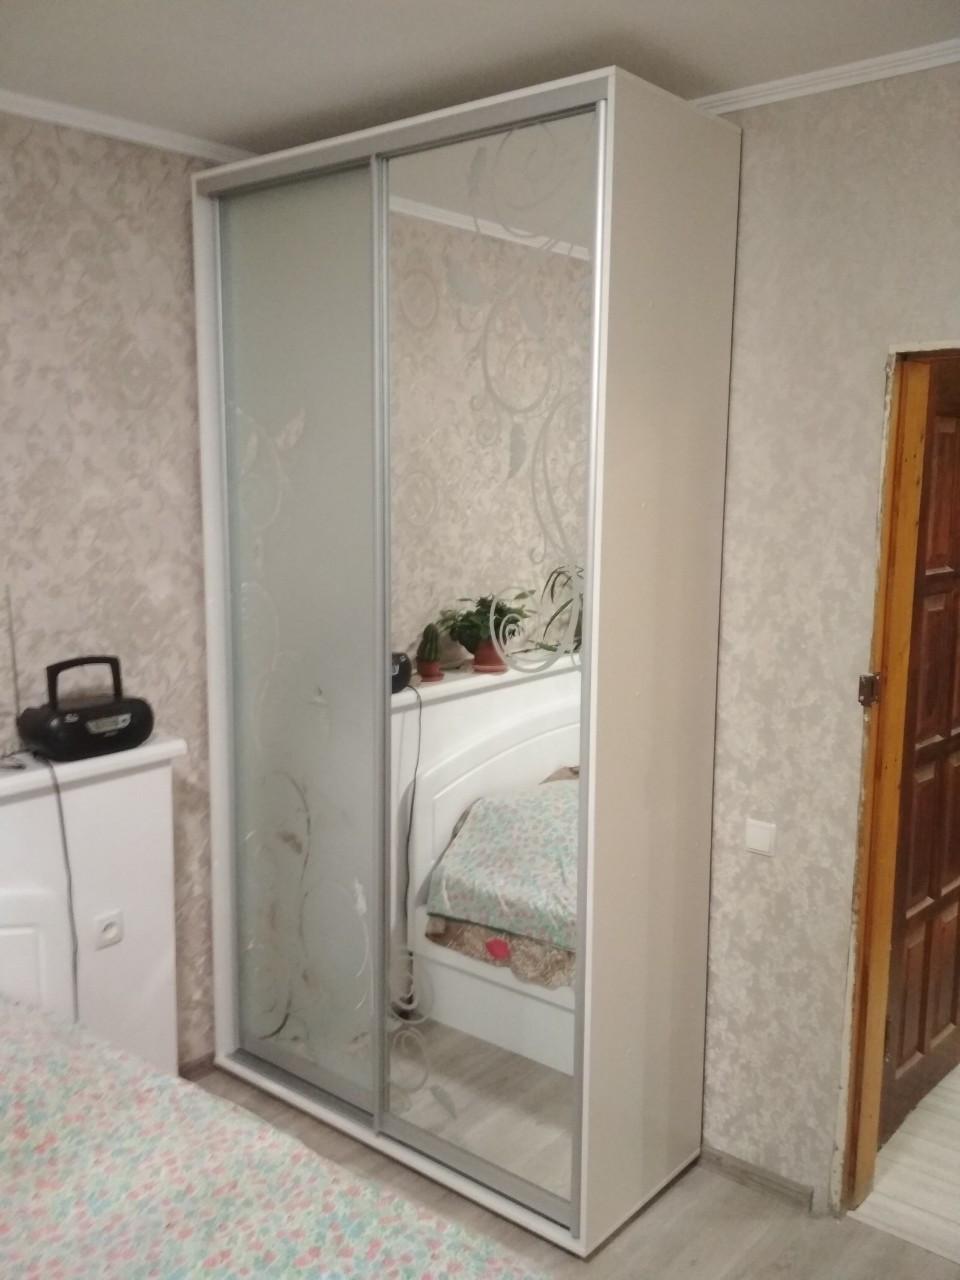 Шкаф-купе 150x60x240 см - две двери - зеркало или ДСП - МФ Влаби - Одесса